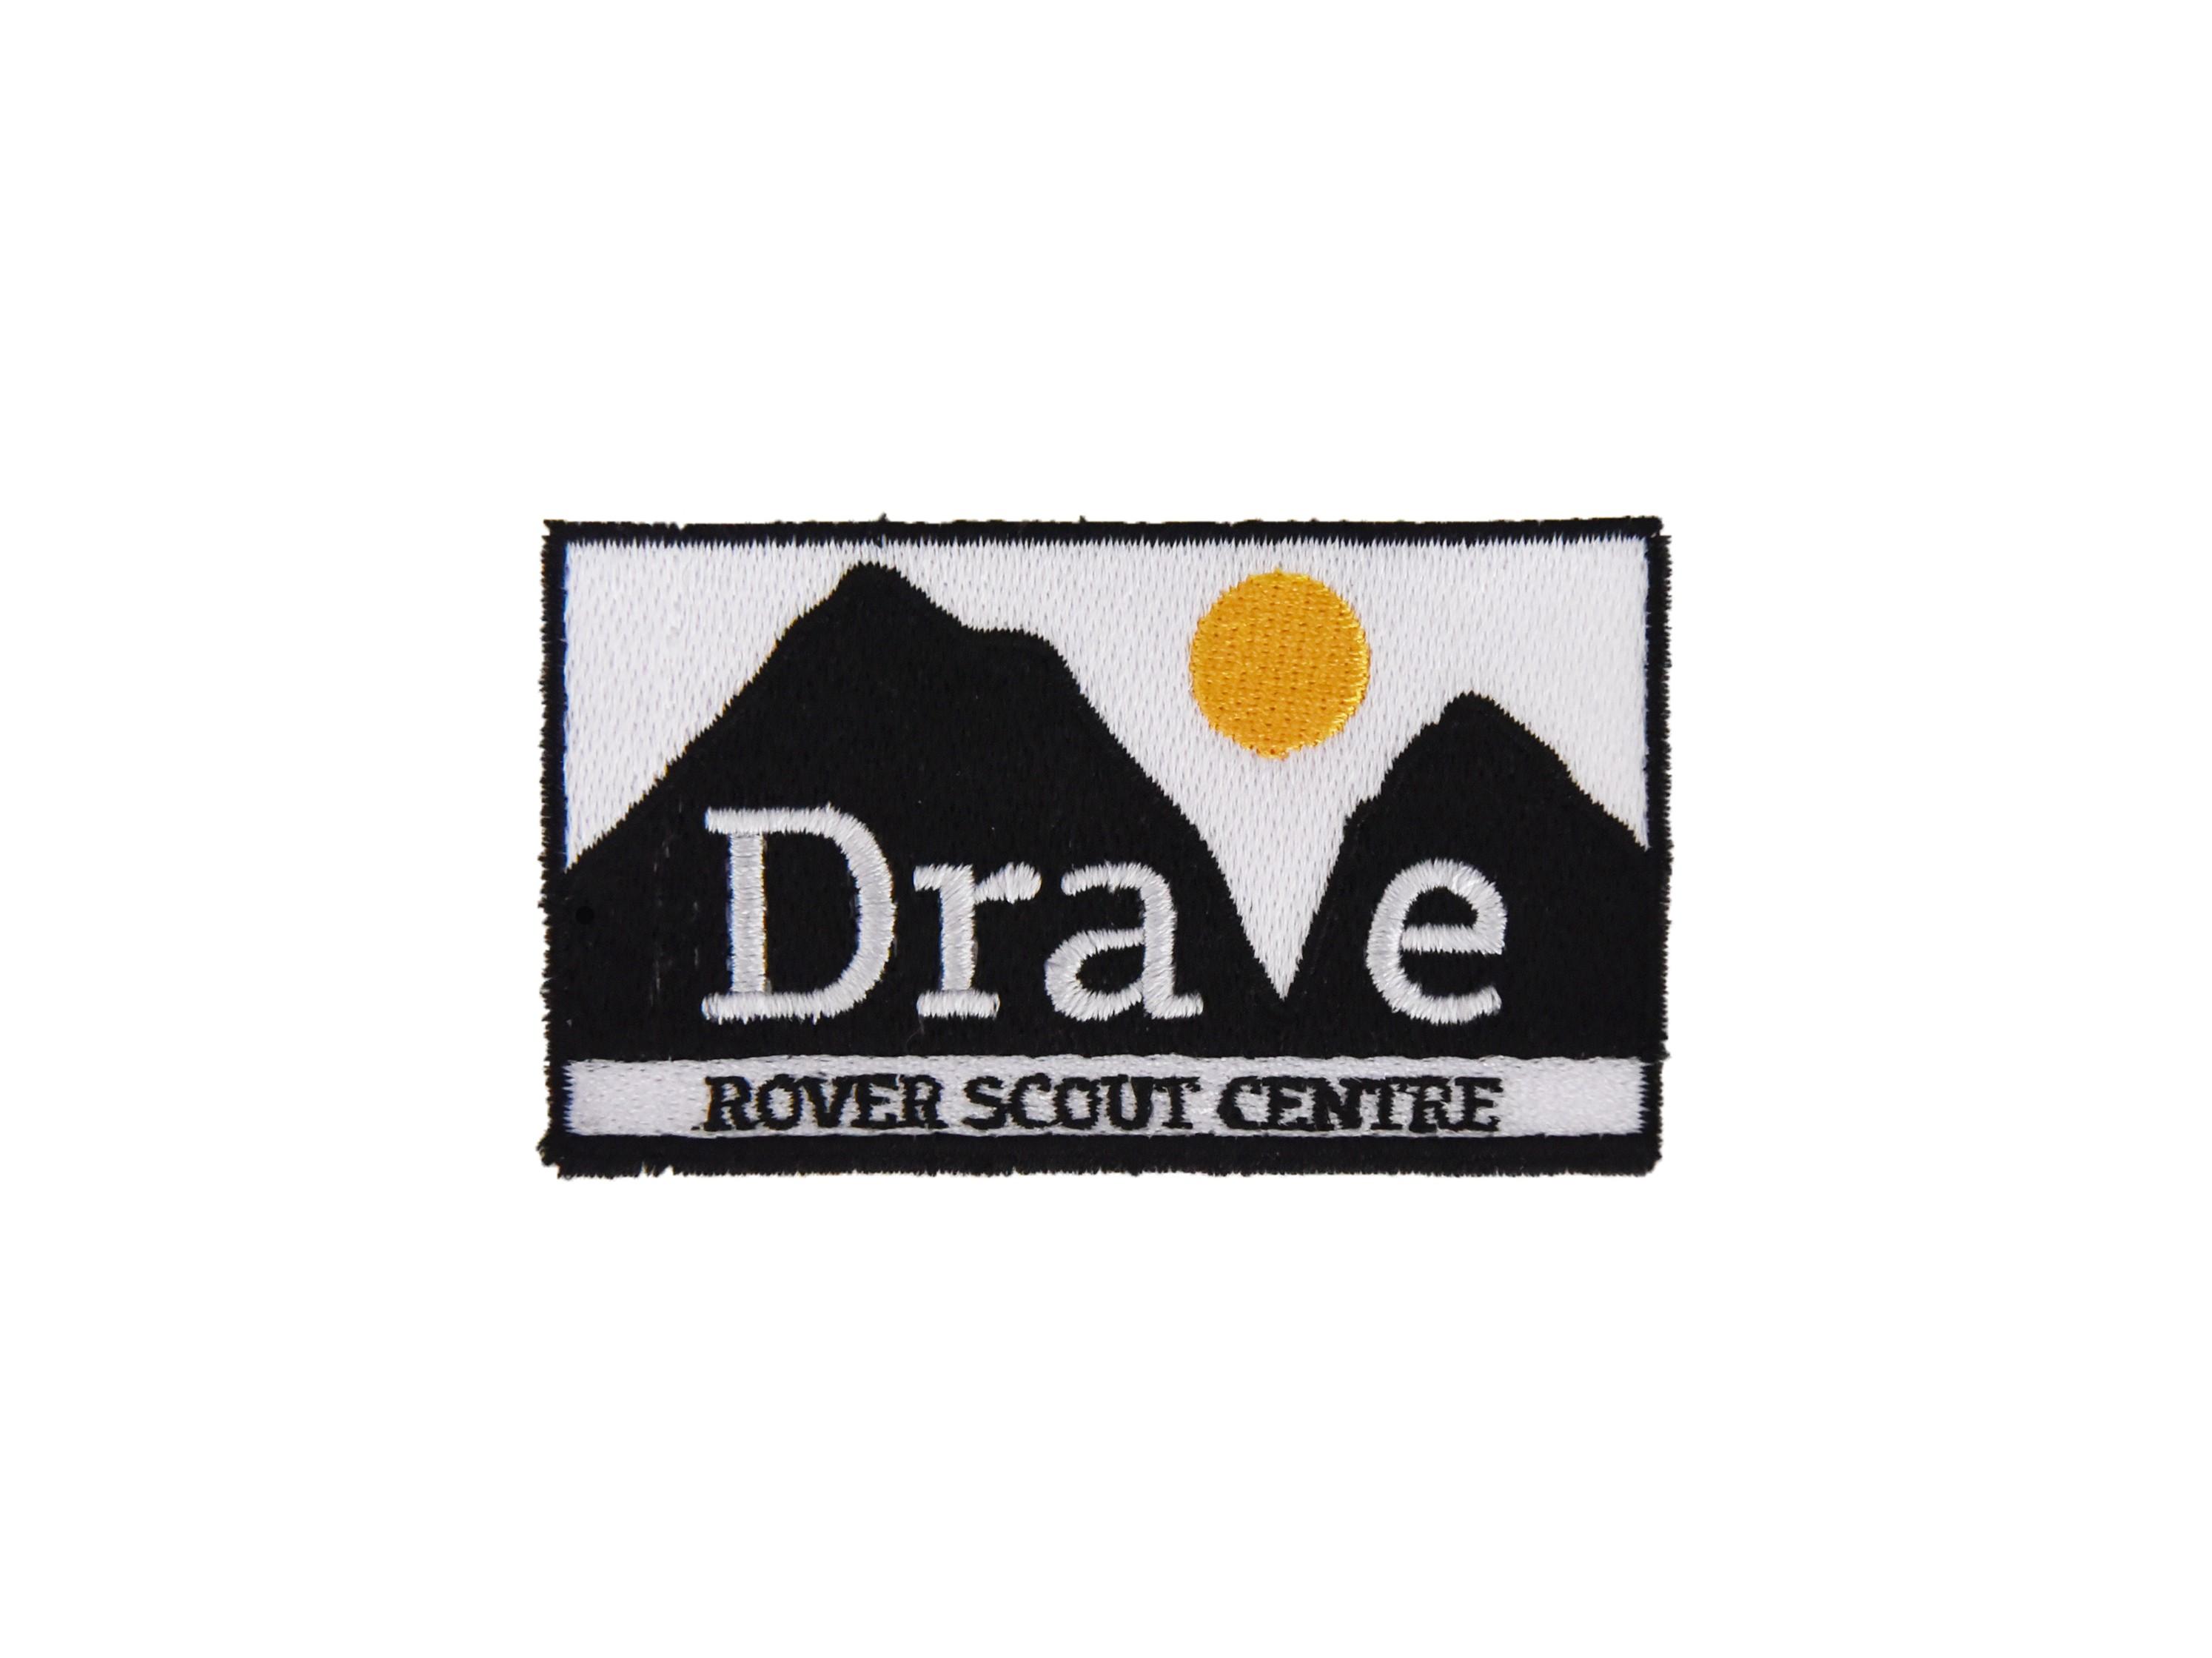 Distintivo da DRAVE